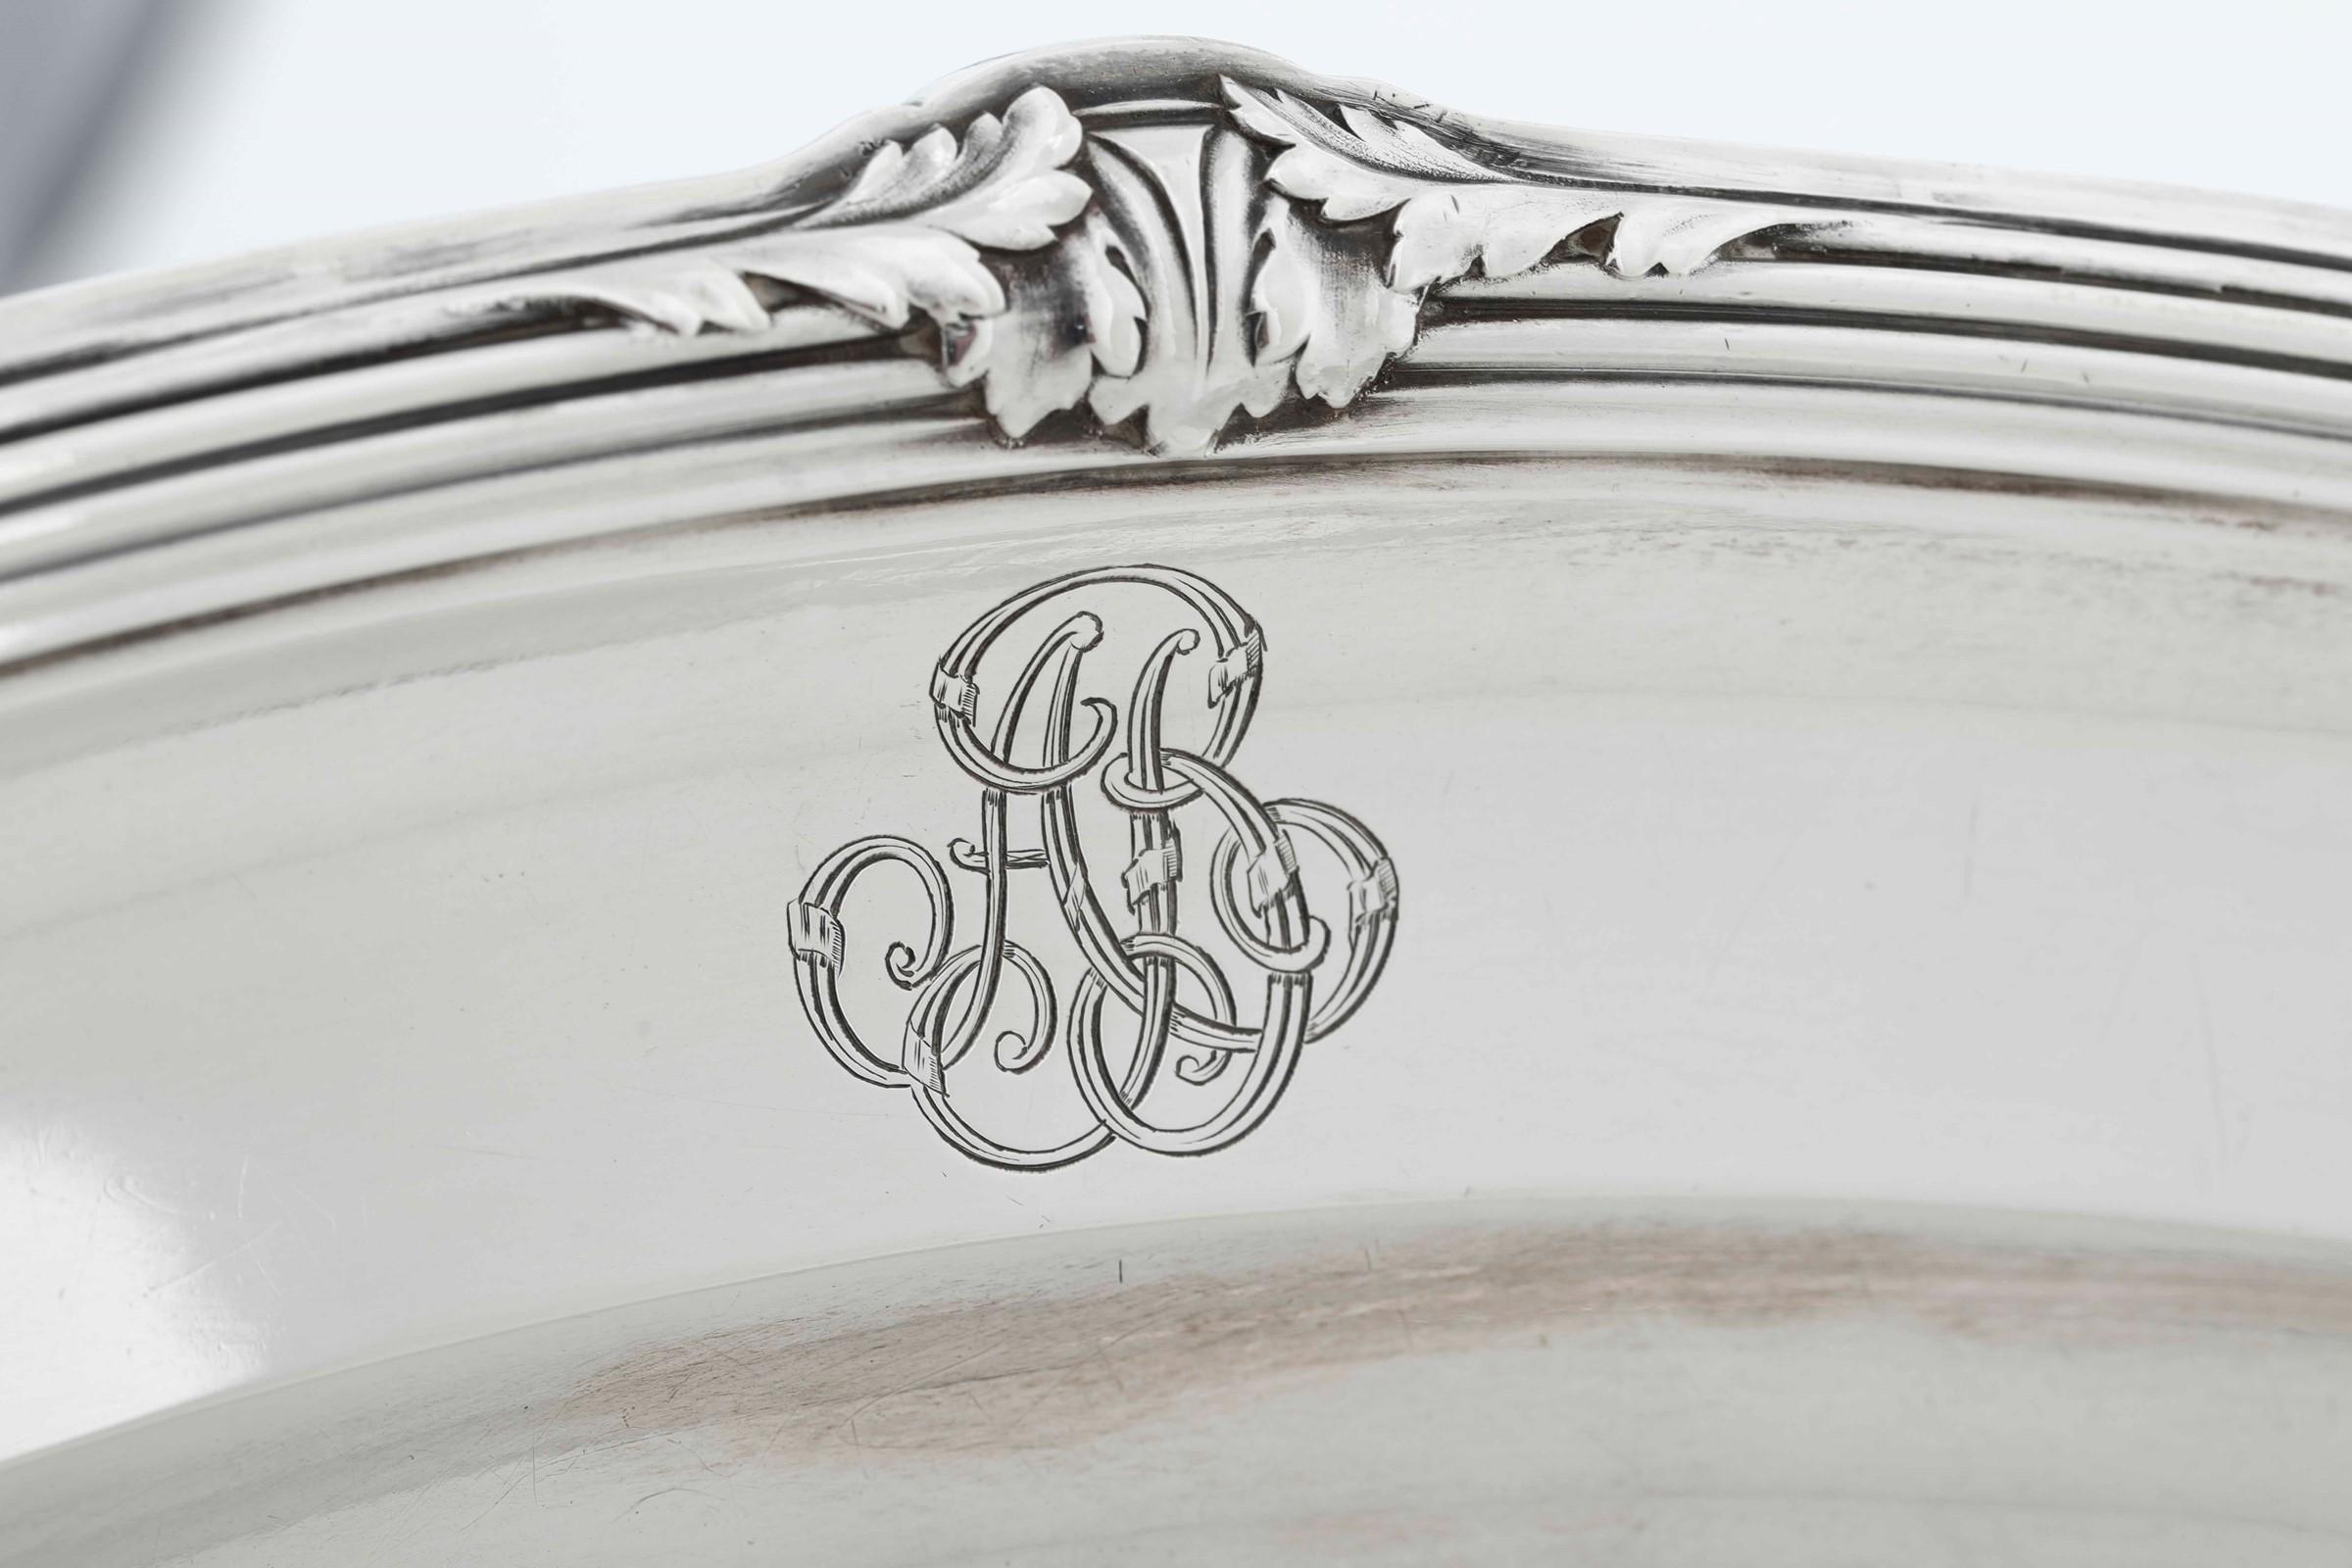 Vassoio in argento primo titolo fuso e cesellato. Francia XIX-XX secolo, - gr. 1340, [...] - Image 2 of 4